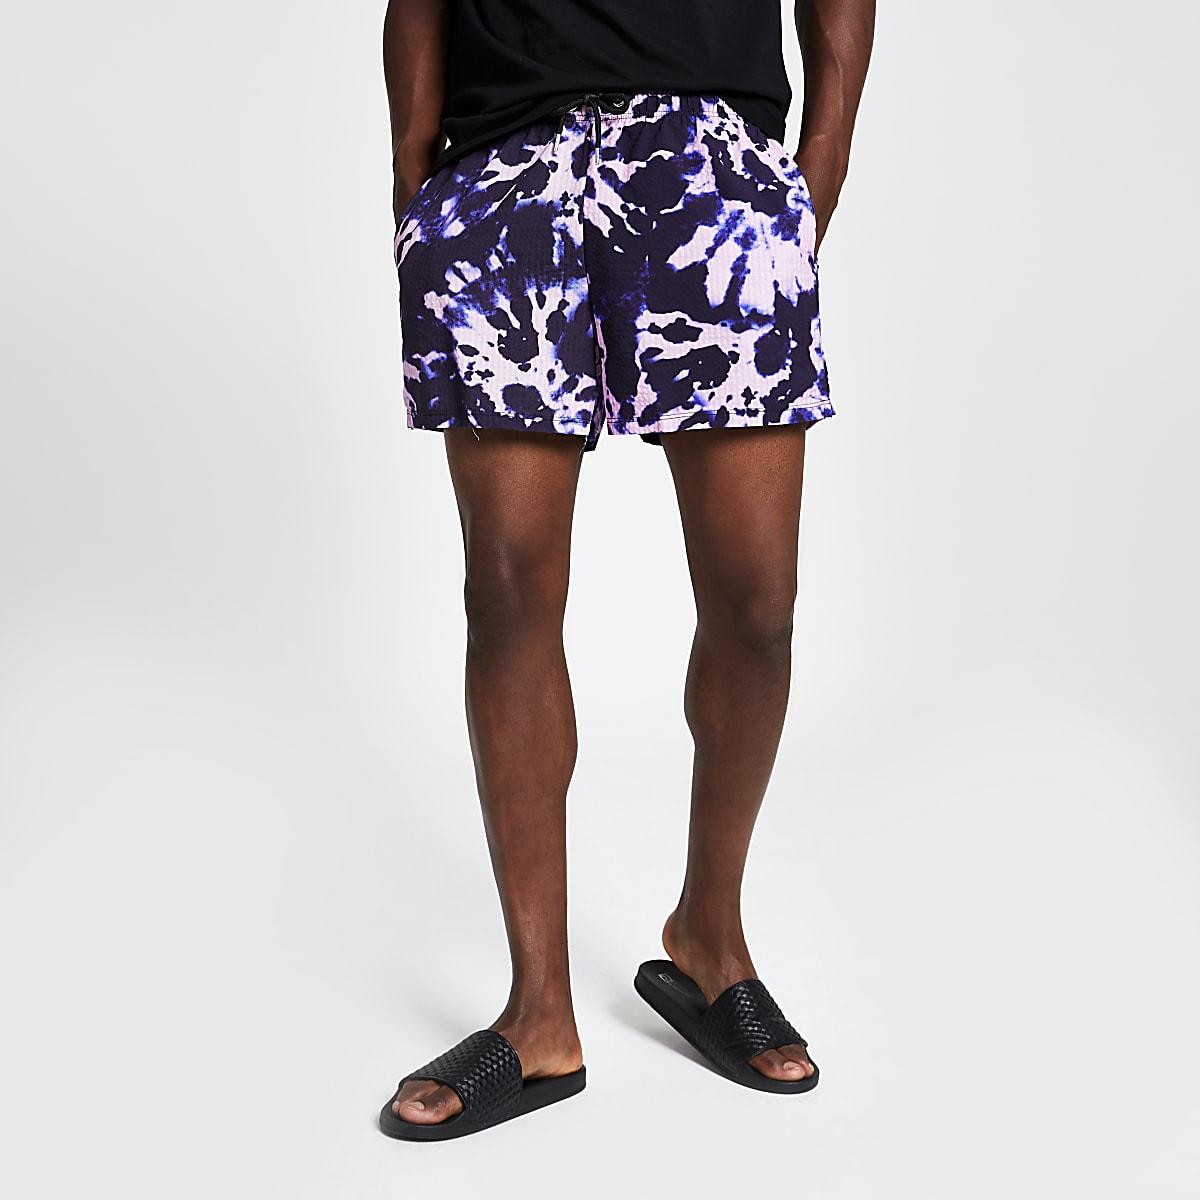 Purple tie dye slim fit shorts